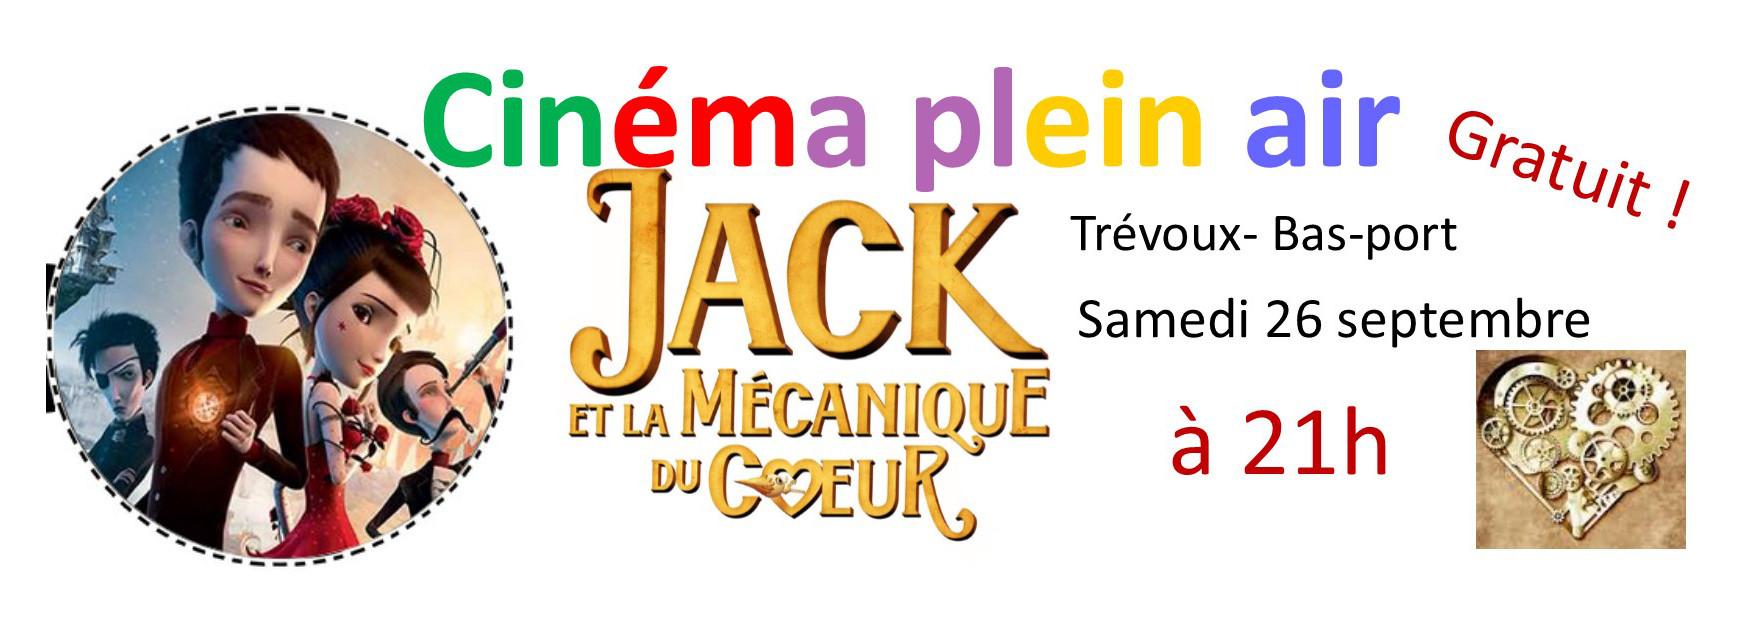 bandeau_cinema_plein_air_2015_moitie-jpg